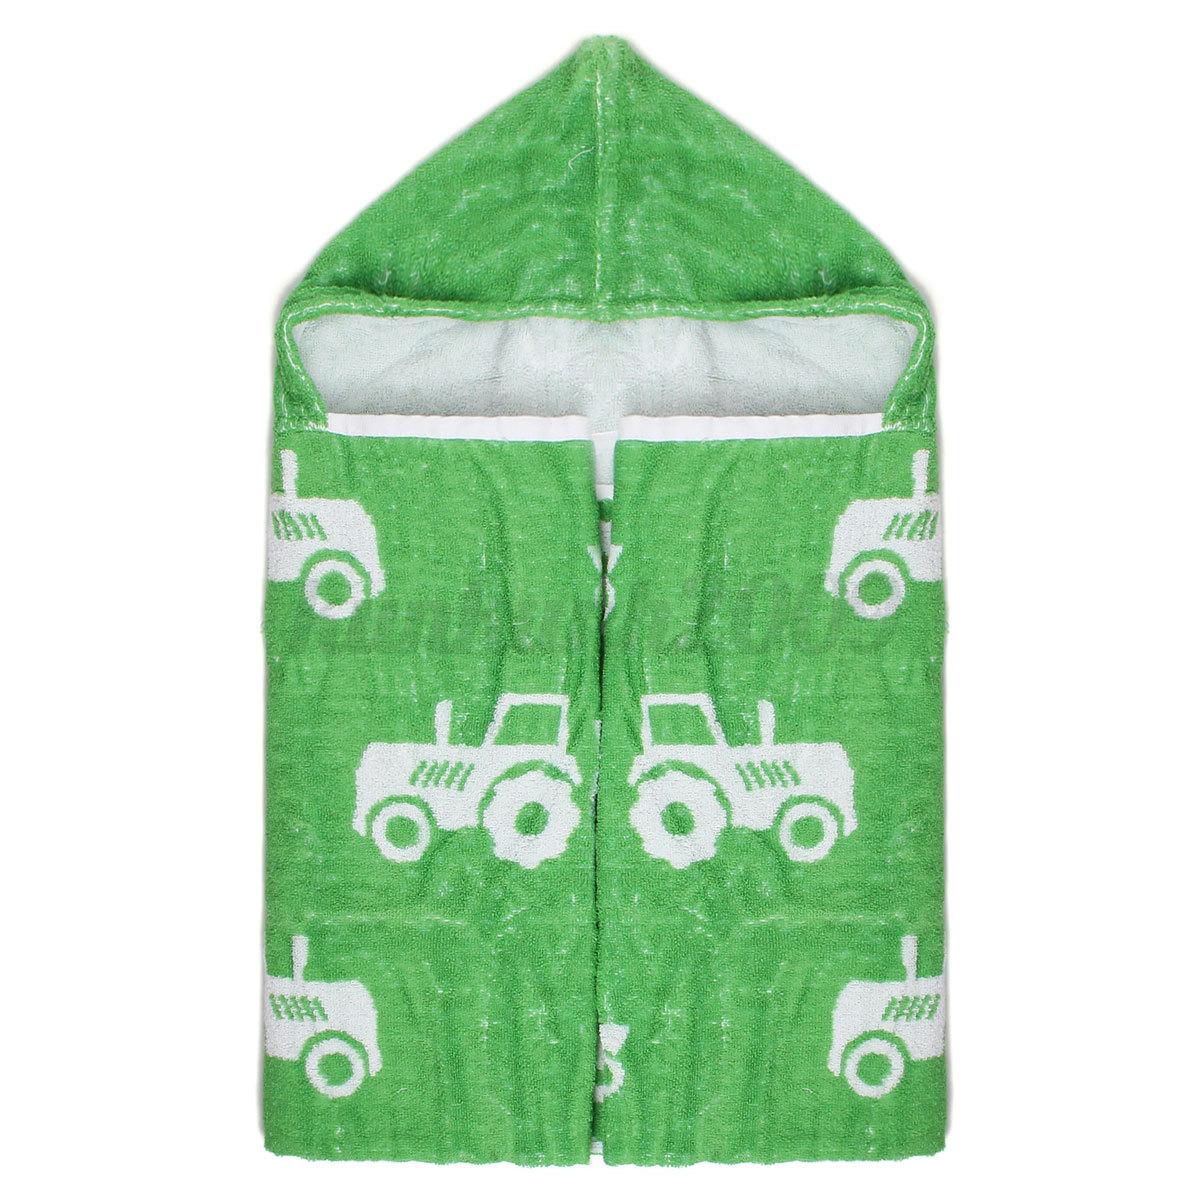 serviette de bain capuchon 38 39 39 50 39 39 divers couleur enfants b b c lin ebay. Black Bedroom Furniture Sets. Home Design Ideas